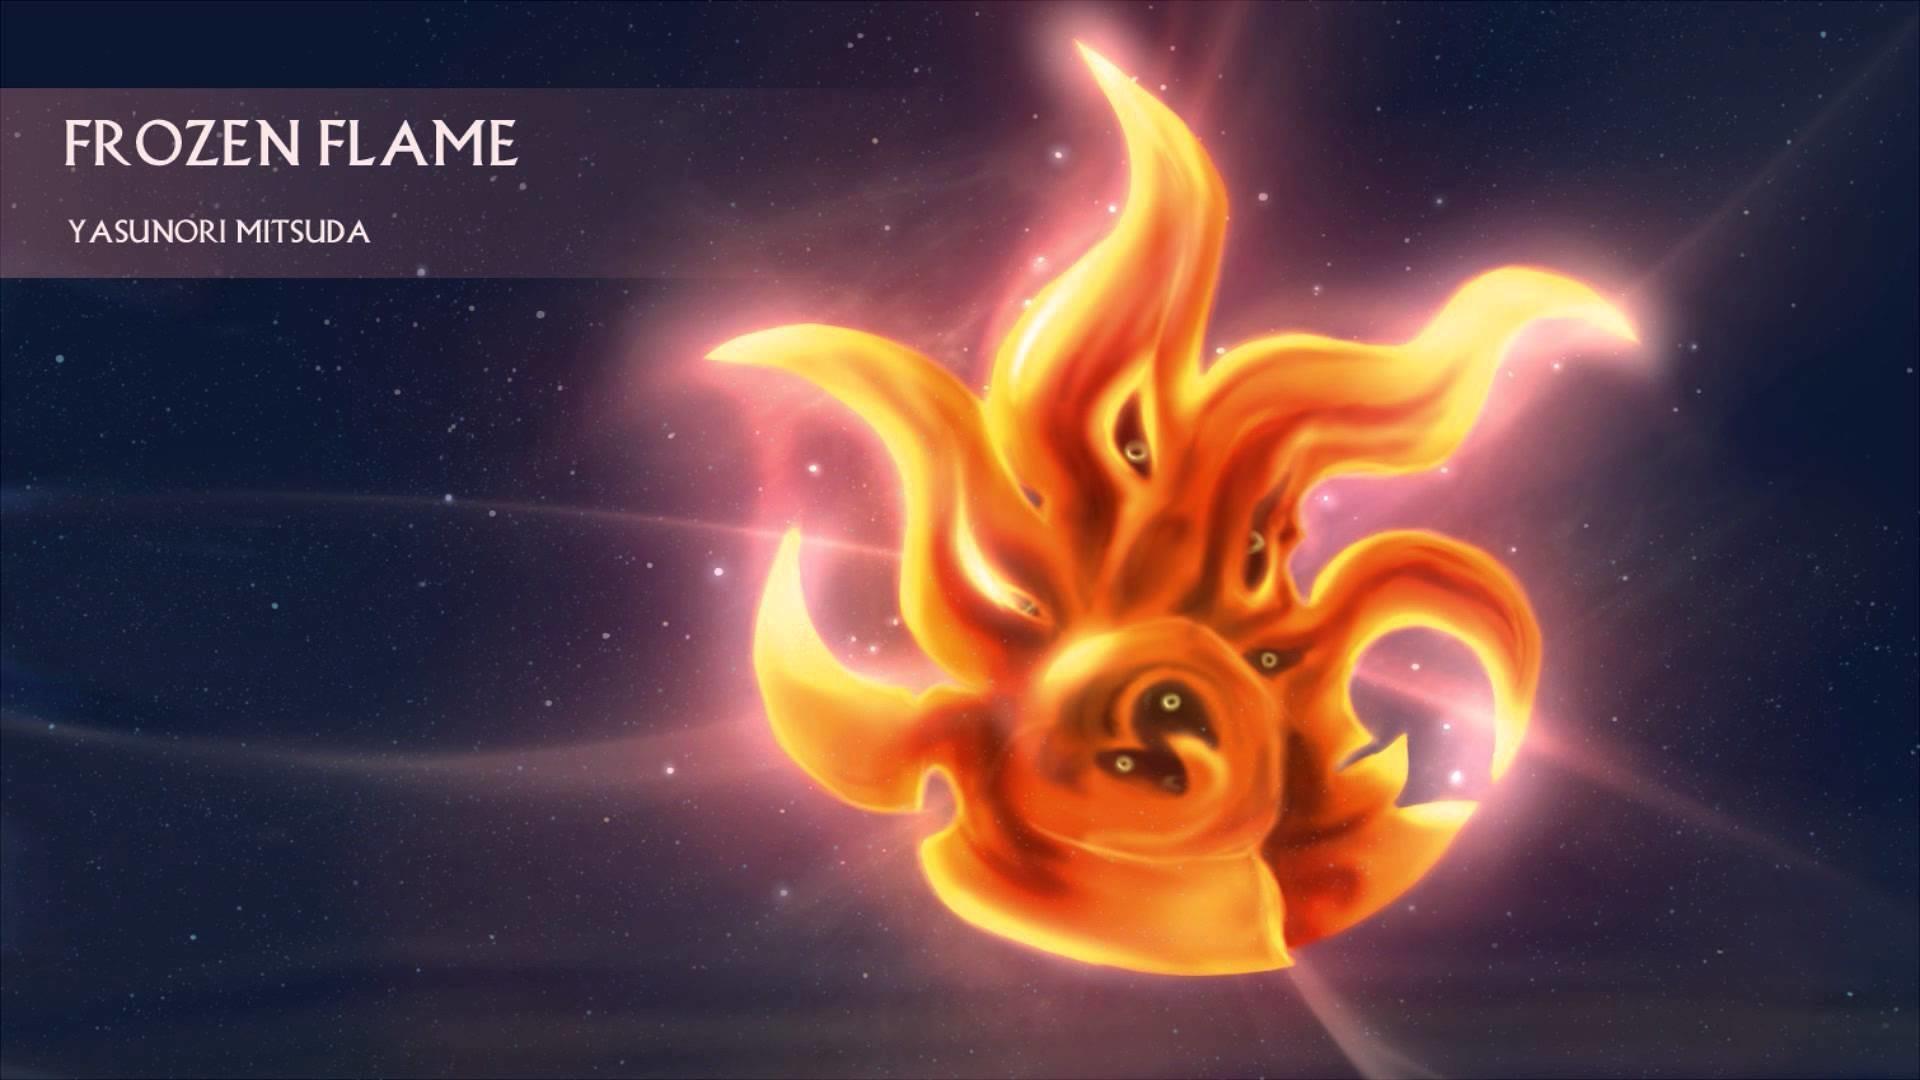 Chrono Cross – Frozen Flame [Oboe cover]